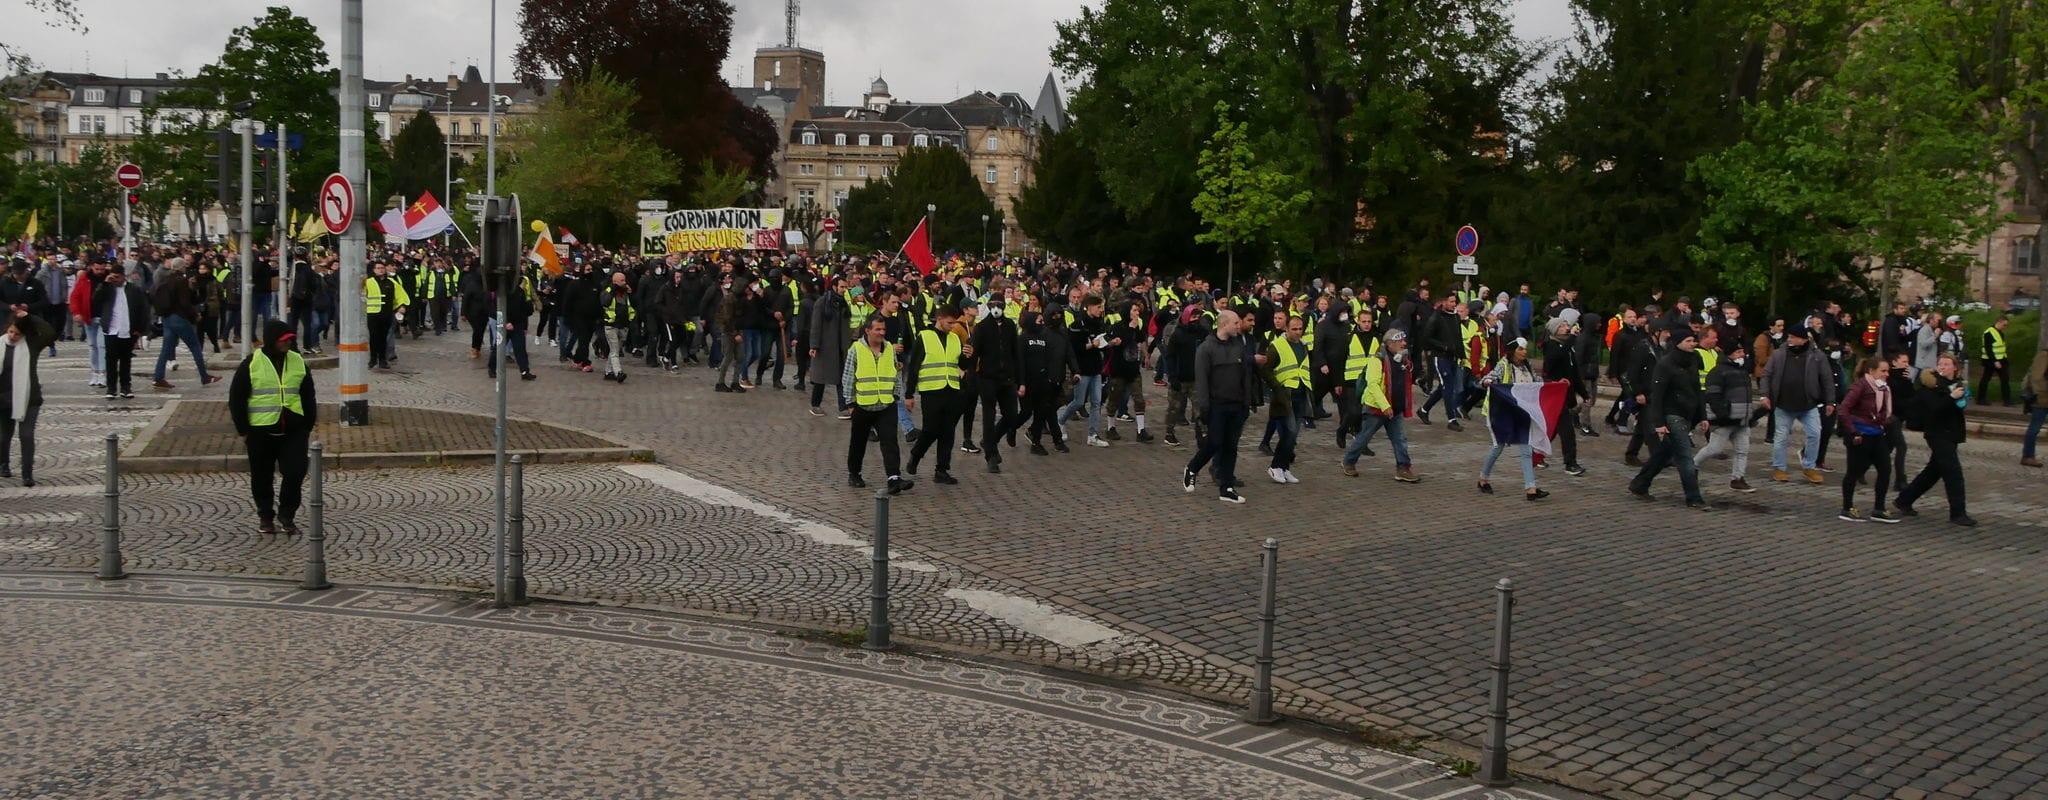 Acte 52 des Gilets jaunes: ce samedi, les luttes du Grand Est convergent à Strasbourg